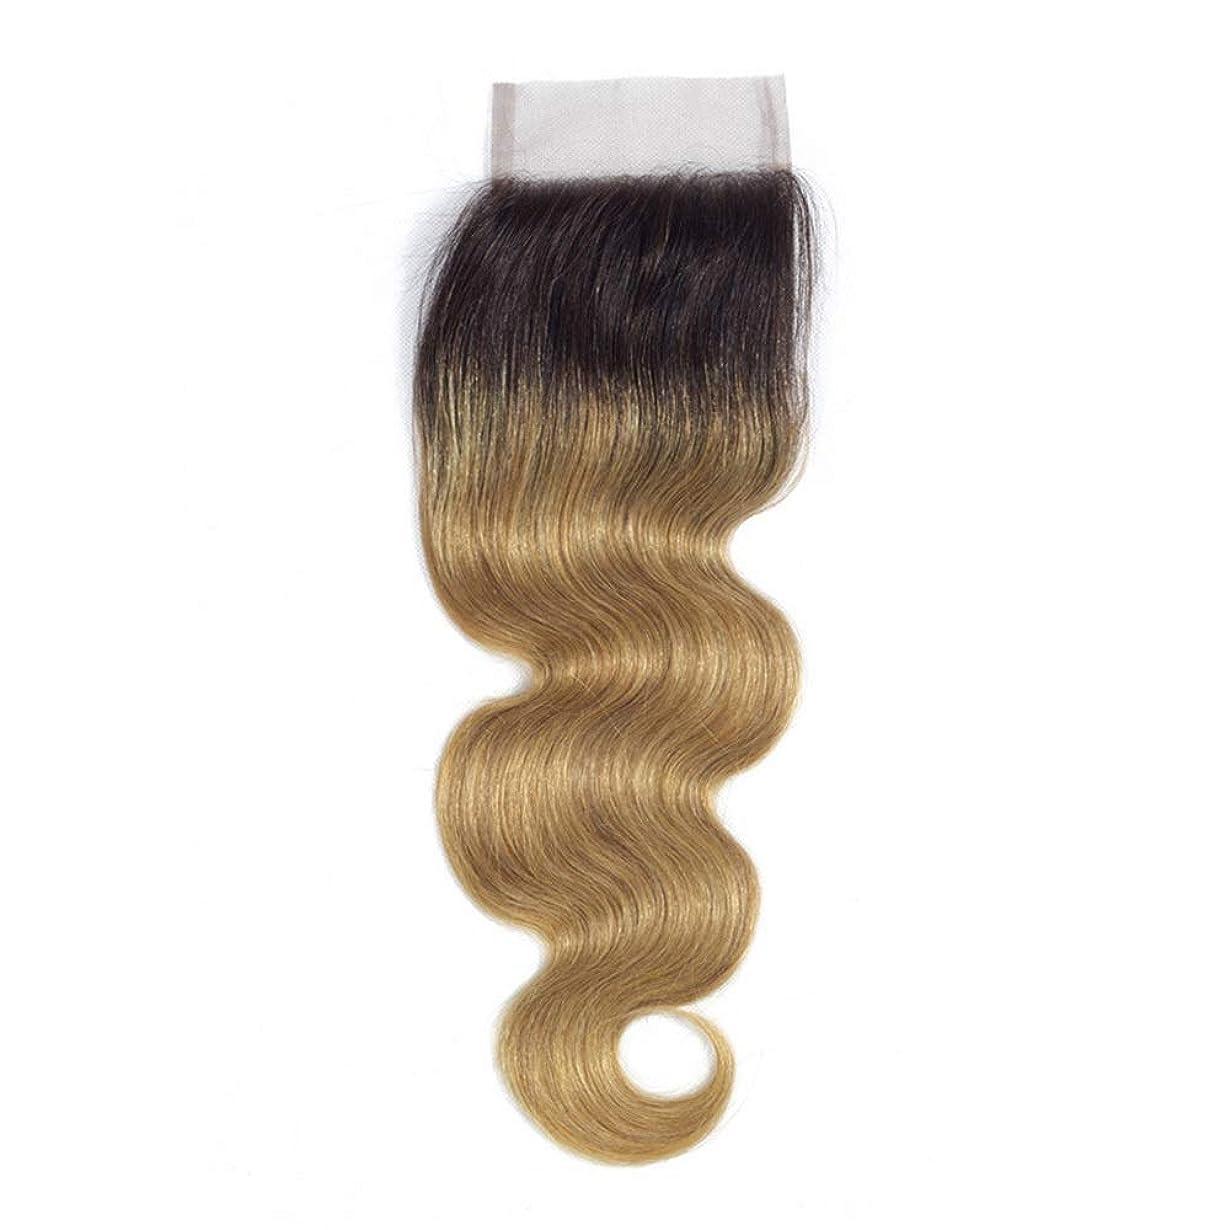 ピット松明期待してYESONEEP 人間の髪織りバンドルナチュラルヘアエクステンション横糸 - ボディウェーブ - ナチュラルブラックカラー(1バンドル、100g)ロングカーリーウィッグ (色 : ブラウン, サイズ : 8 inch)